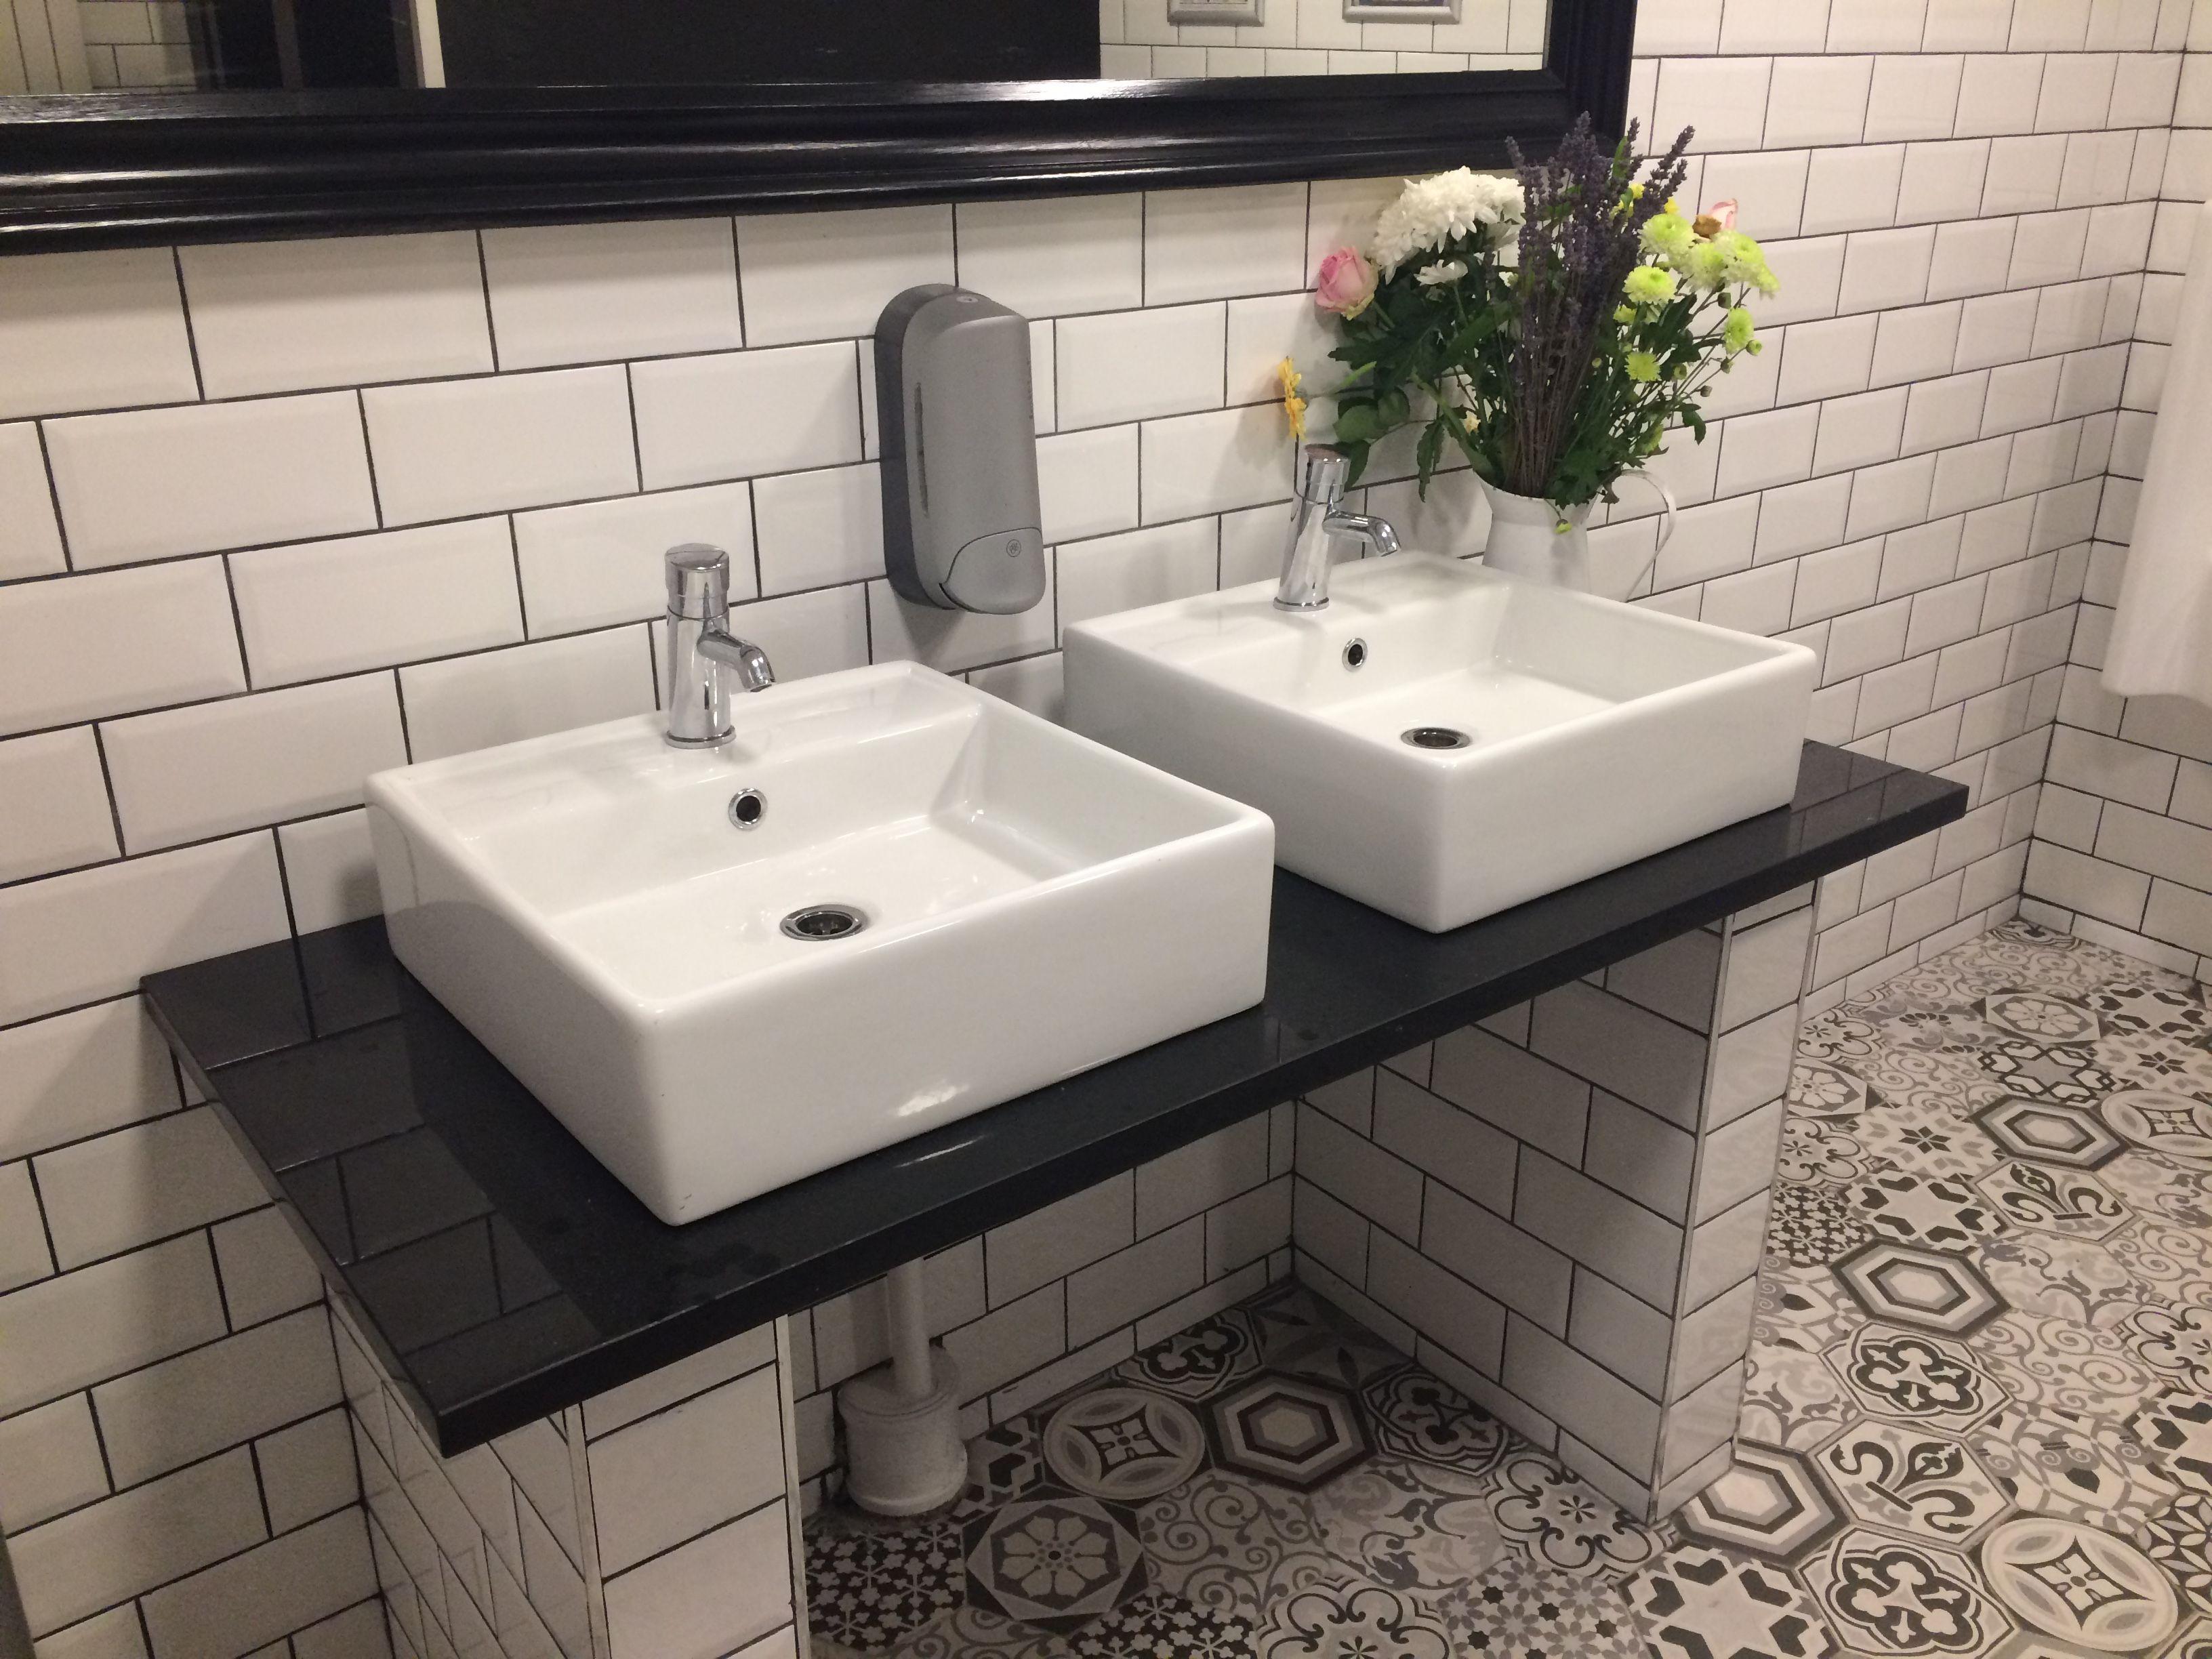 34 Luxury Ceramic Tiles Bathroom Ceramic Tile Bathrooms Tile Bathroom Simply Bathrooms